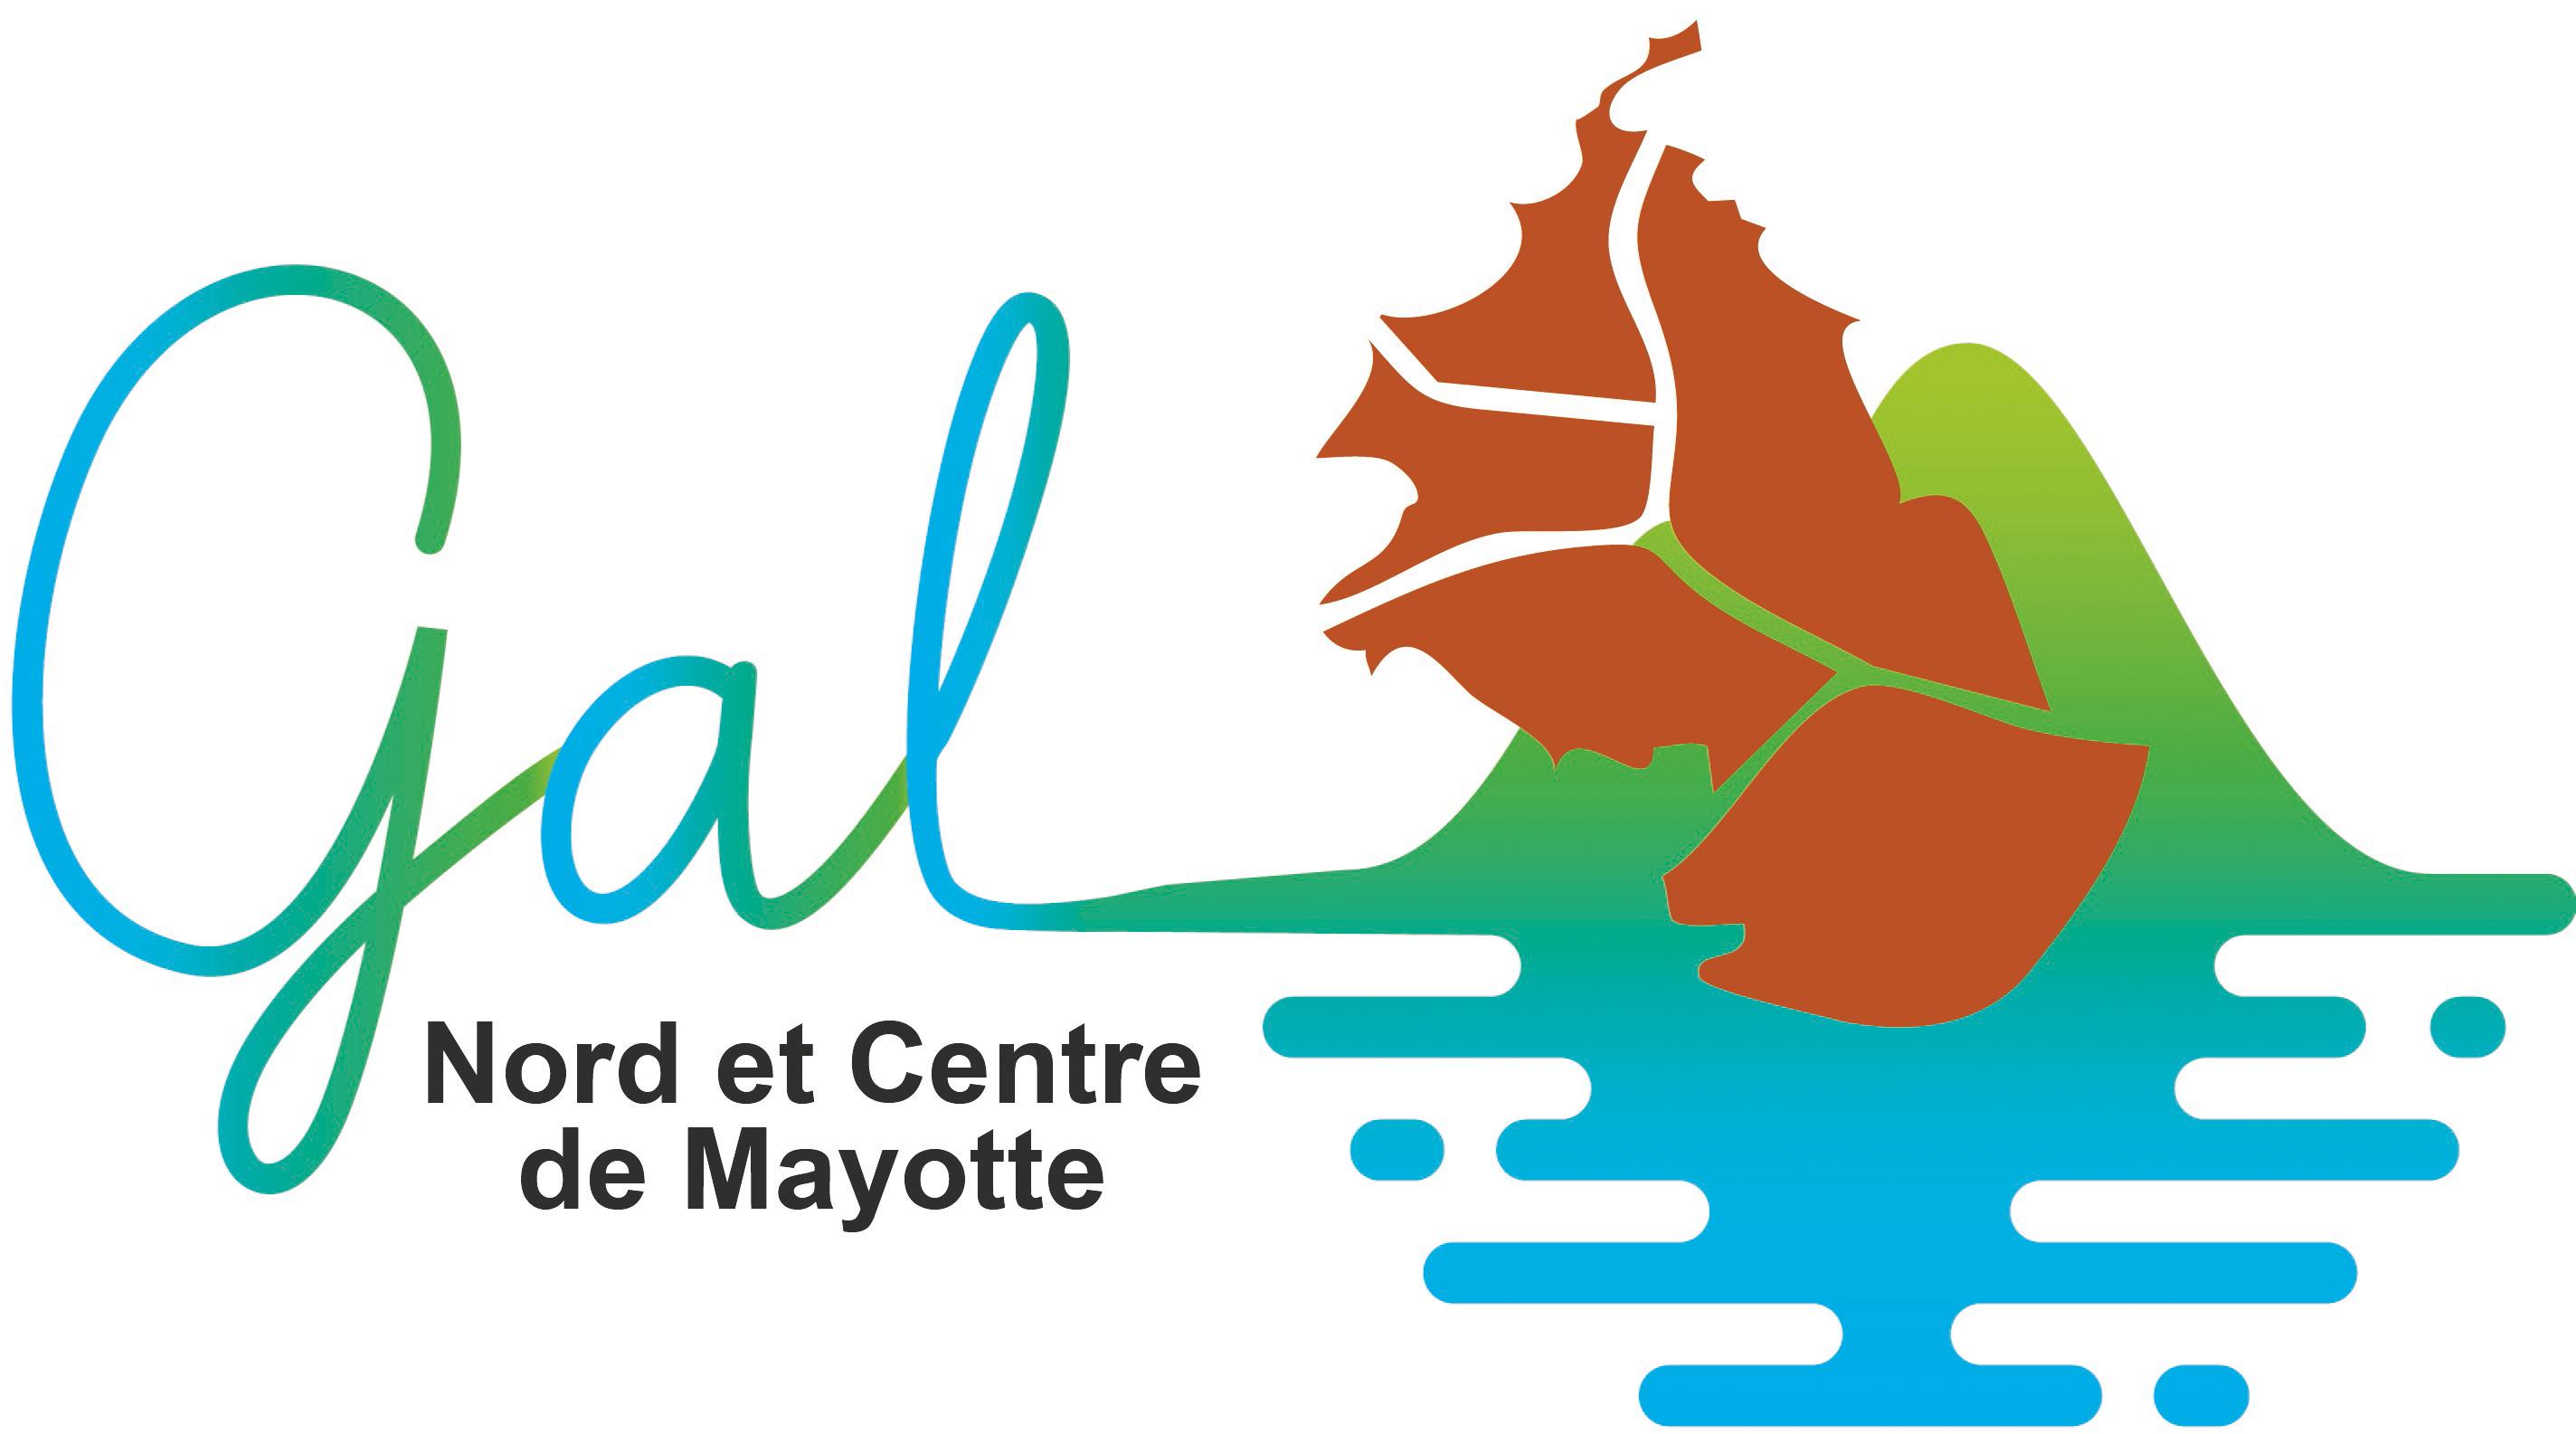 GAL Nord et Centre de Mayotte